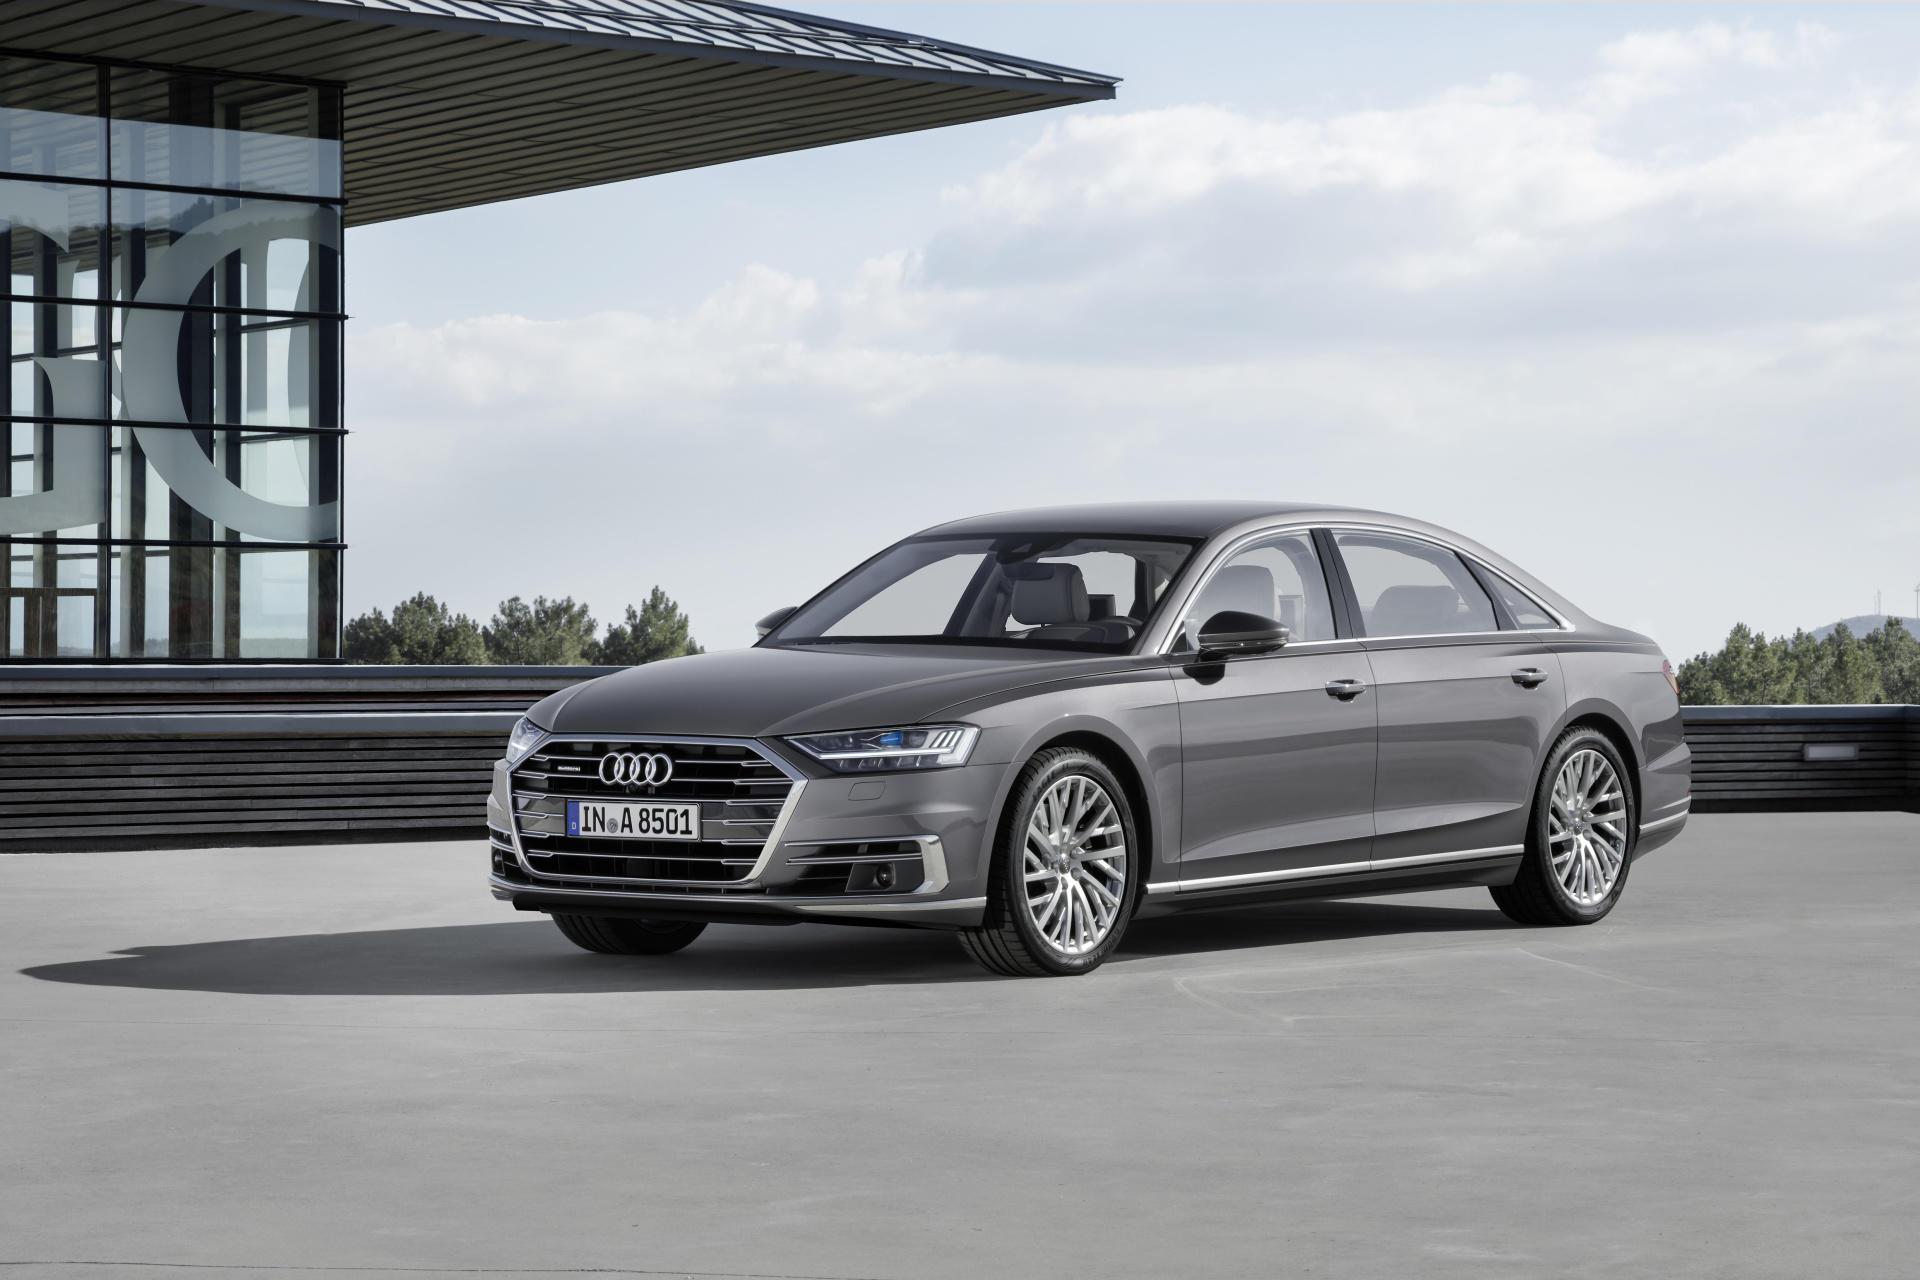 Audi A8 Pricing